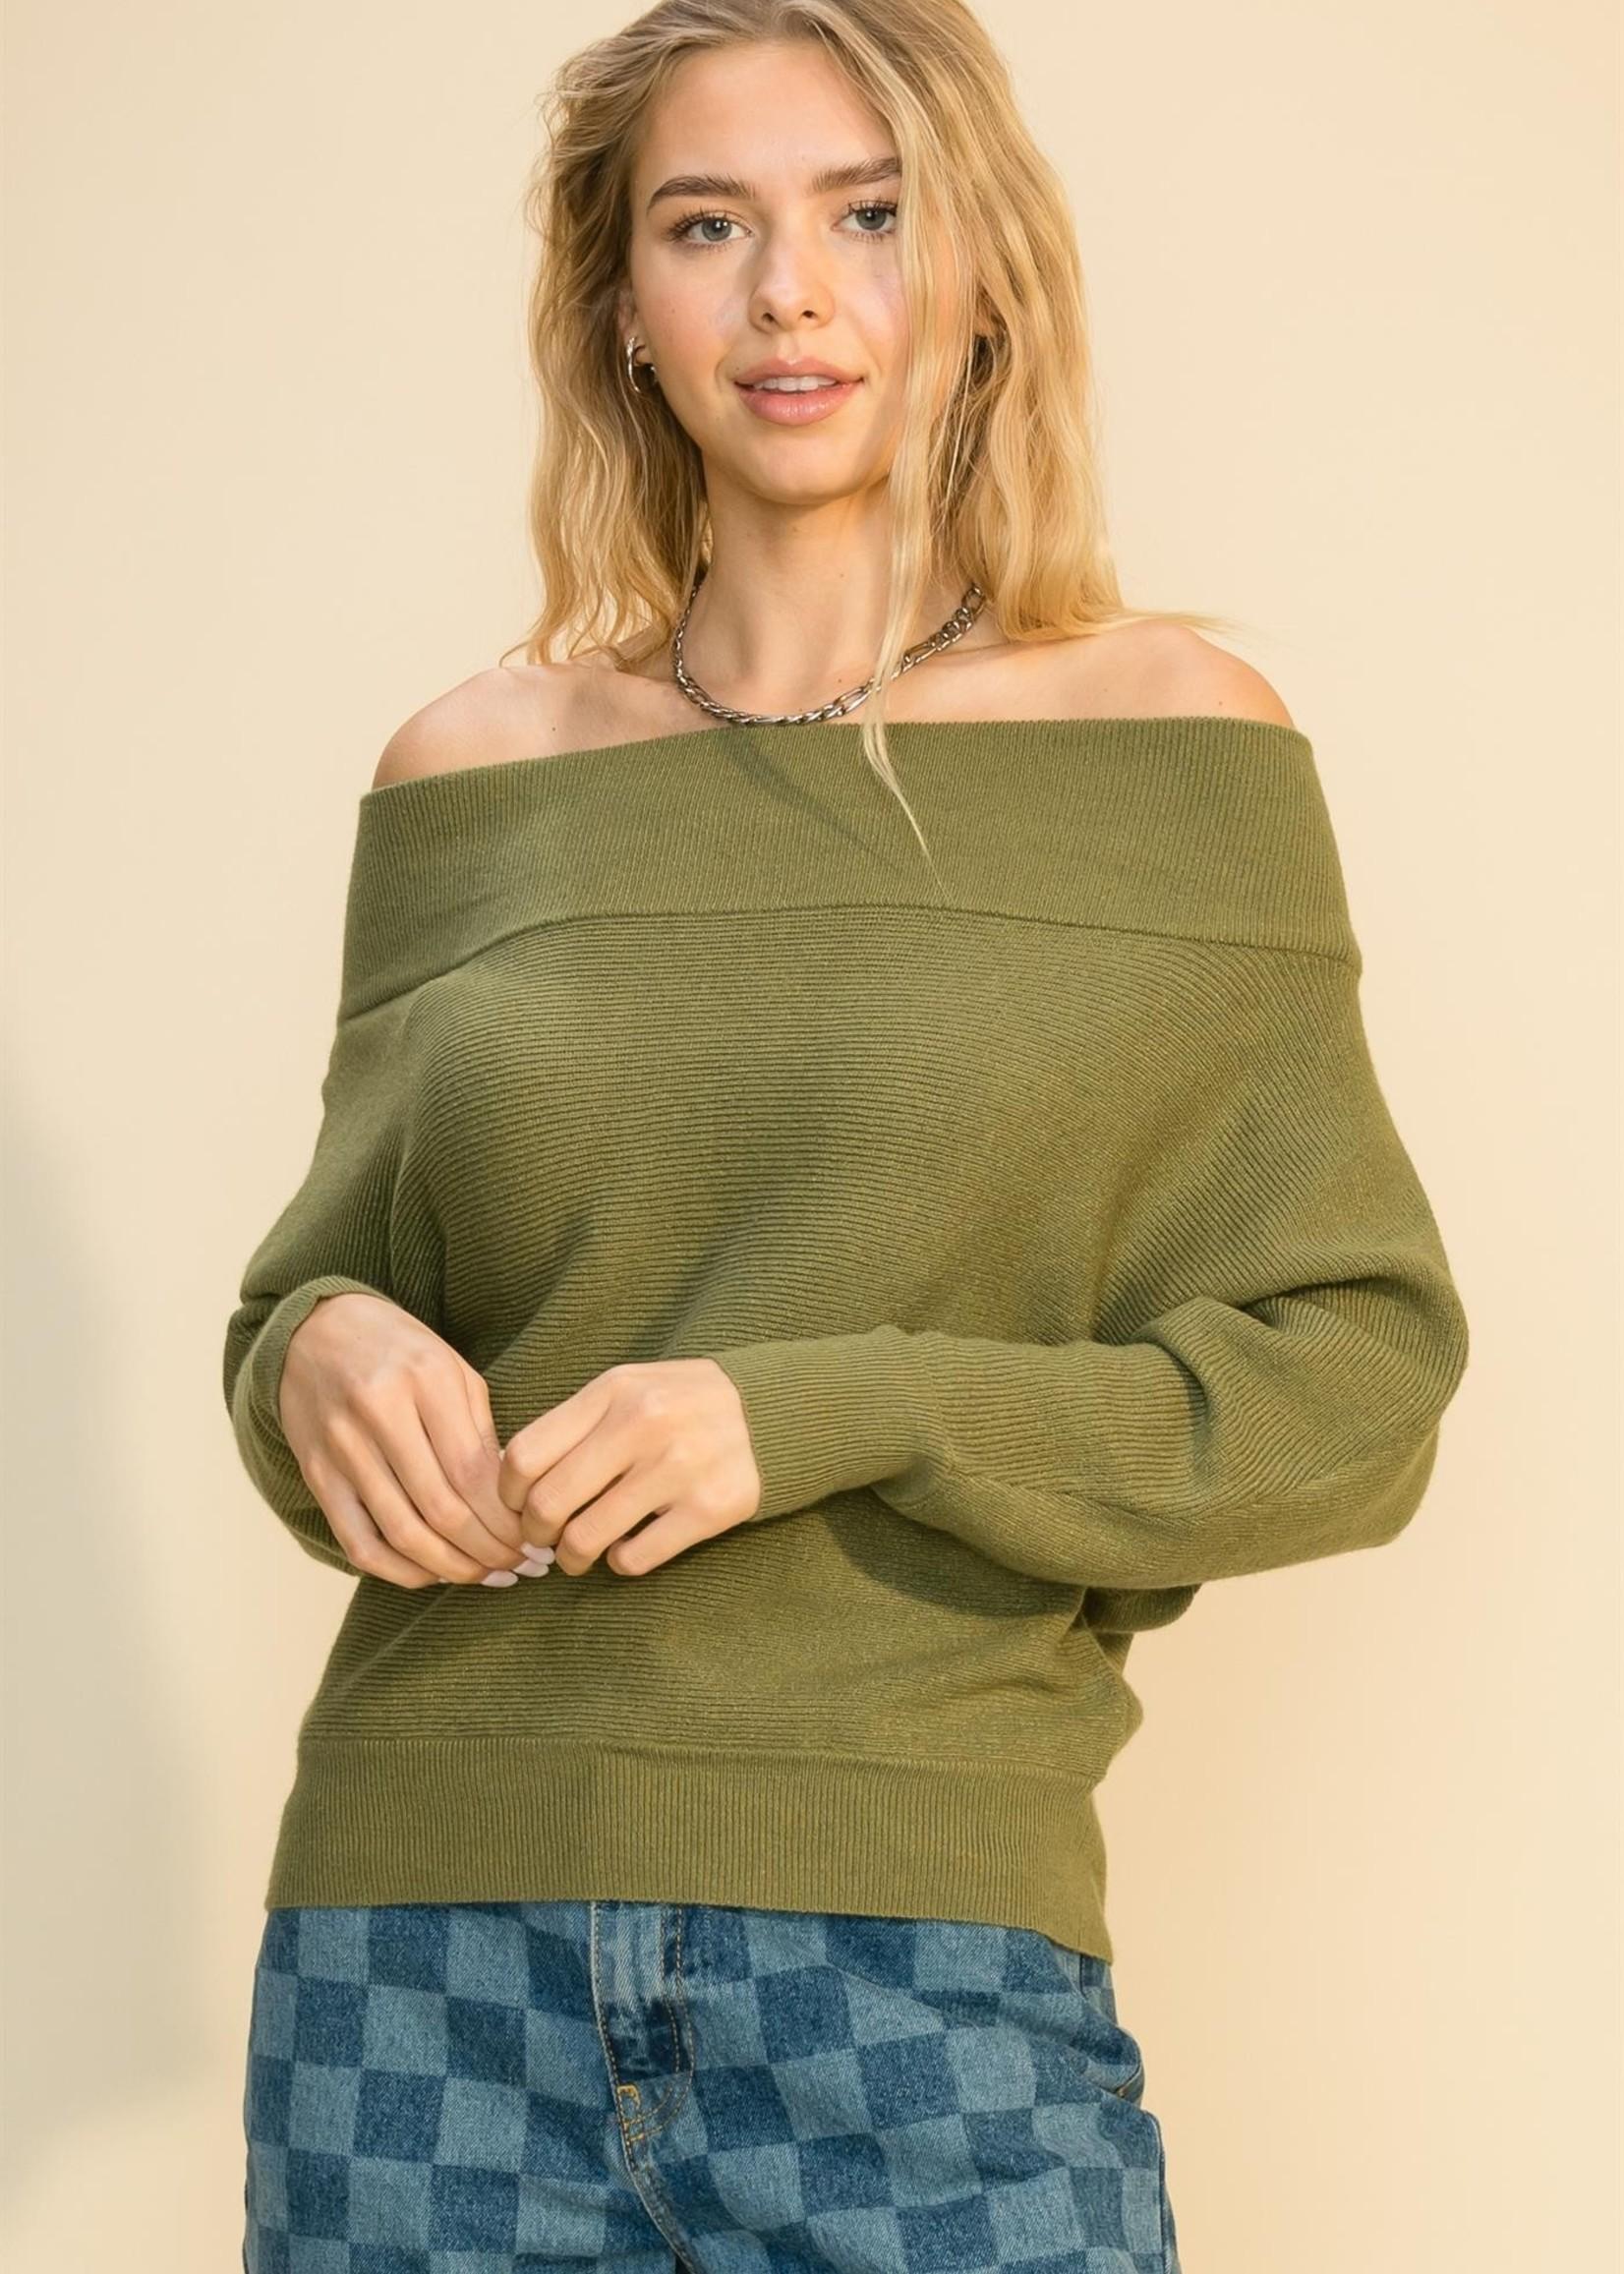 Off Shoulder Sweater - Olive